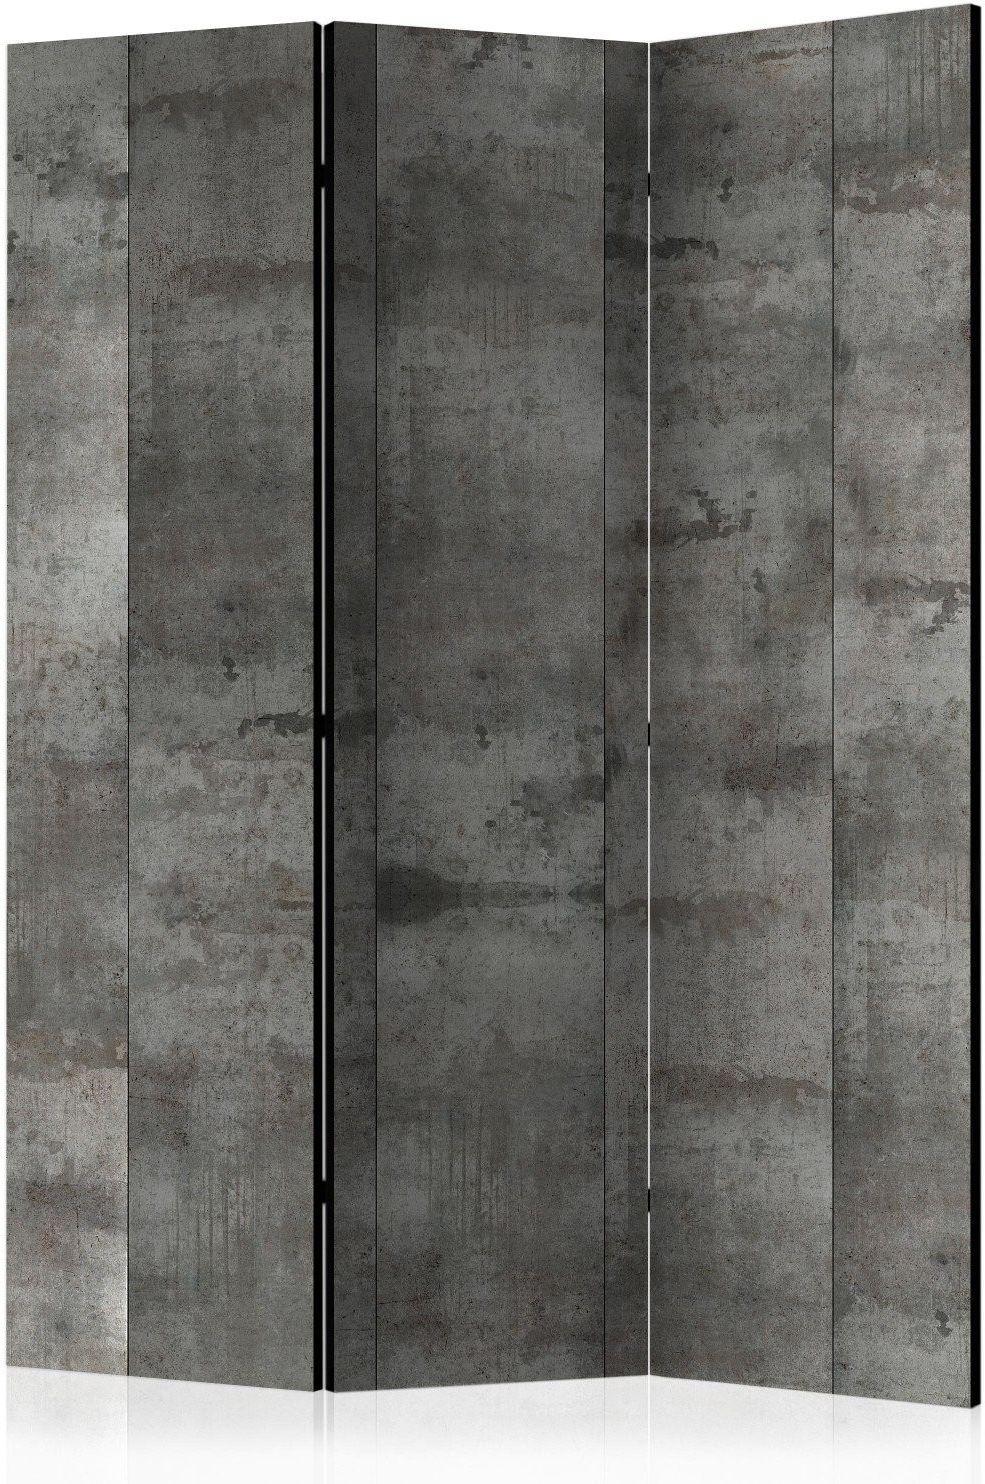 Parawan 3-częściowy - stalowy wzór [room dividers]